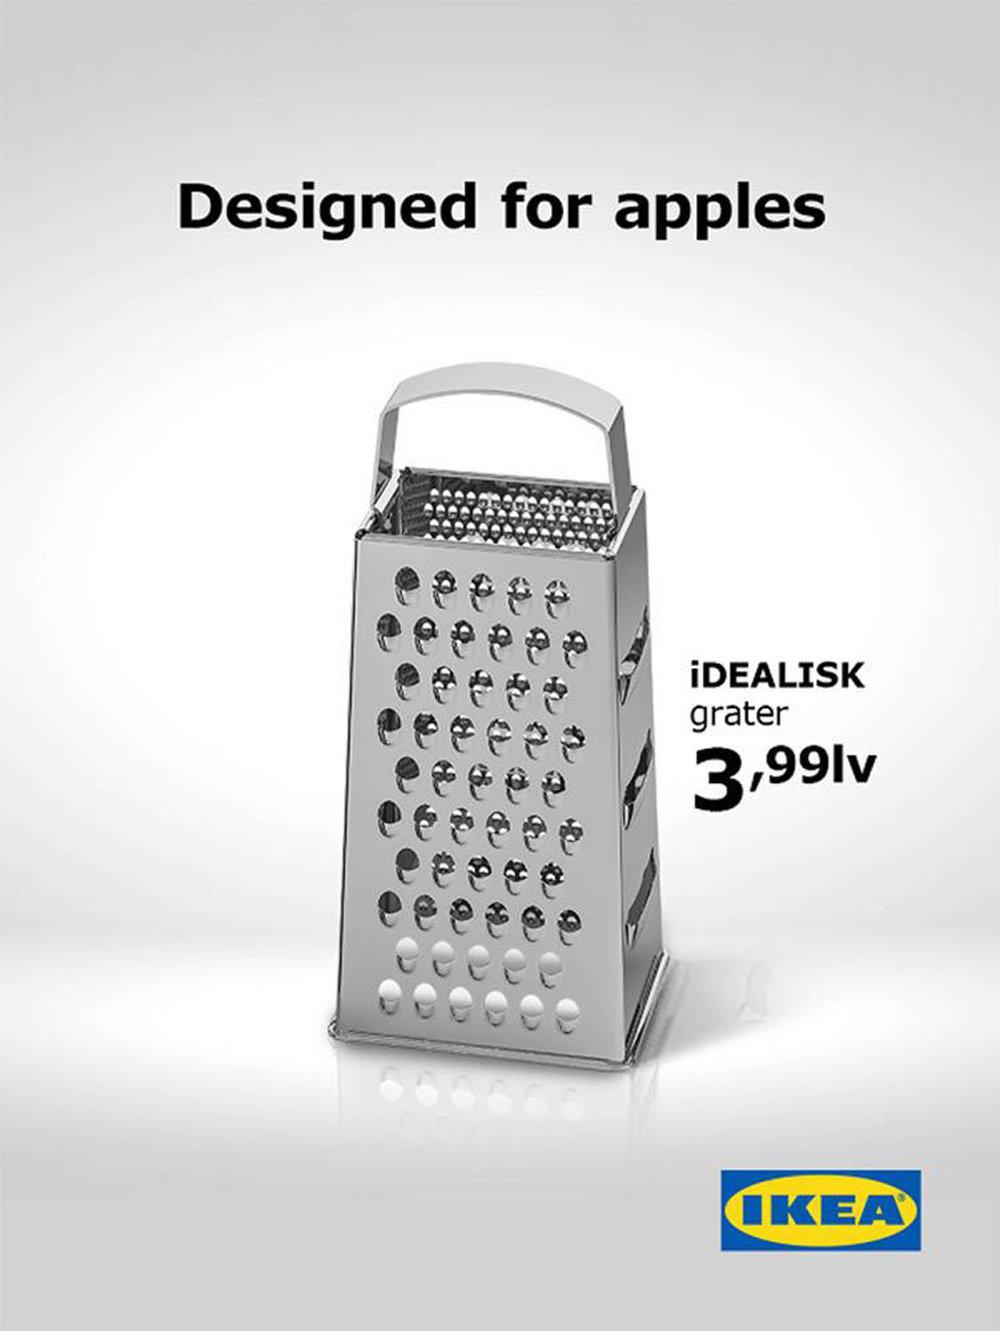 """宜家推出""""苹果刨丝器""""暗讽苹果公司"""